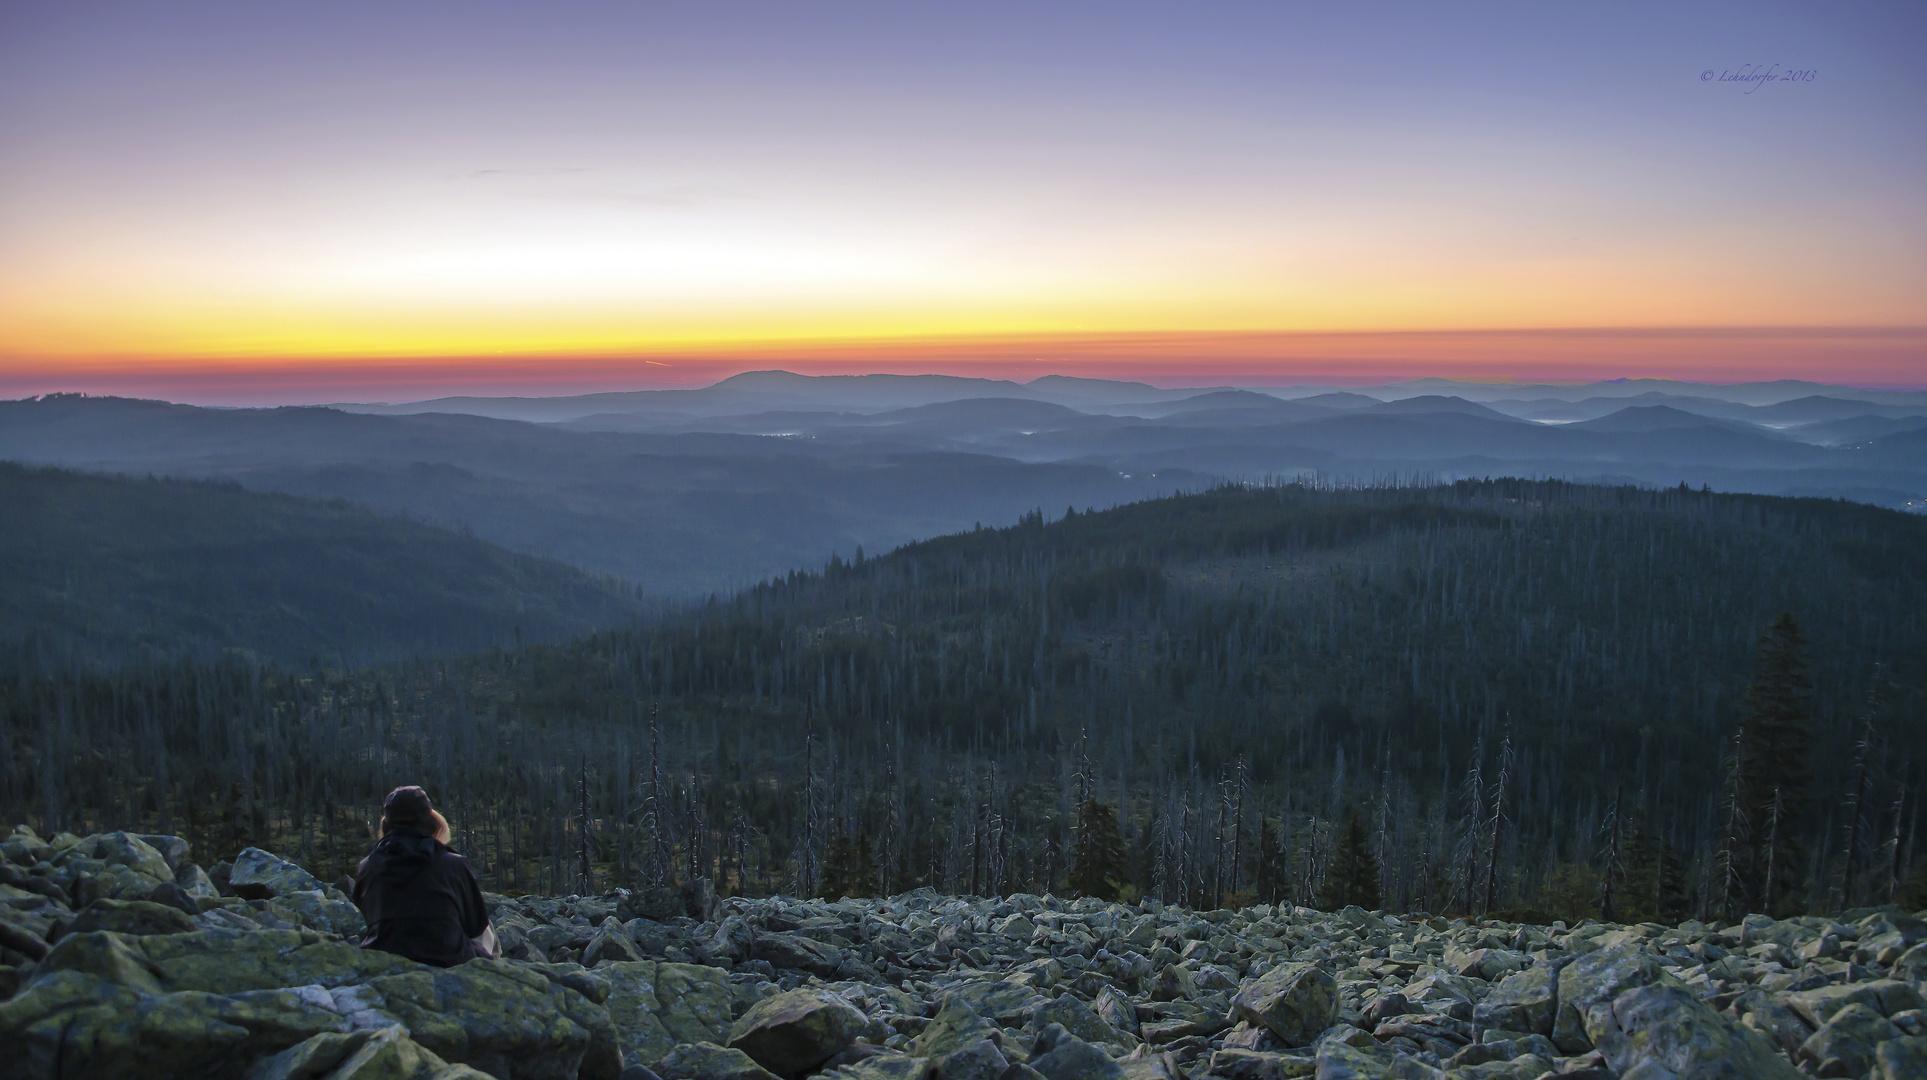 Kurz vor Sonnenaufgang auf dem Gipfel des Lusen